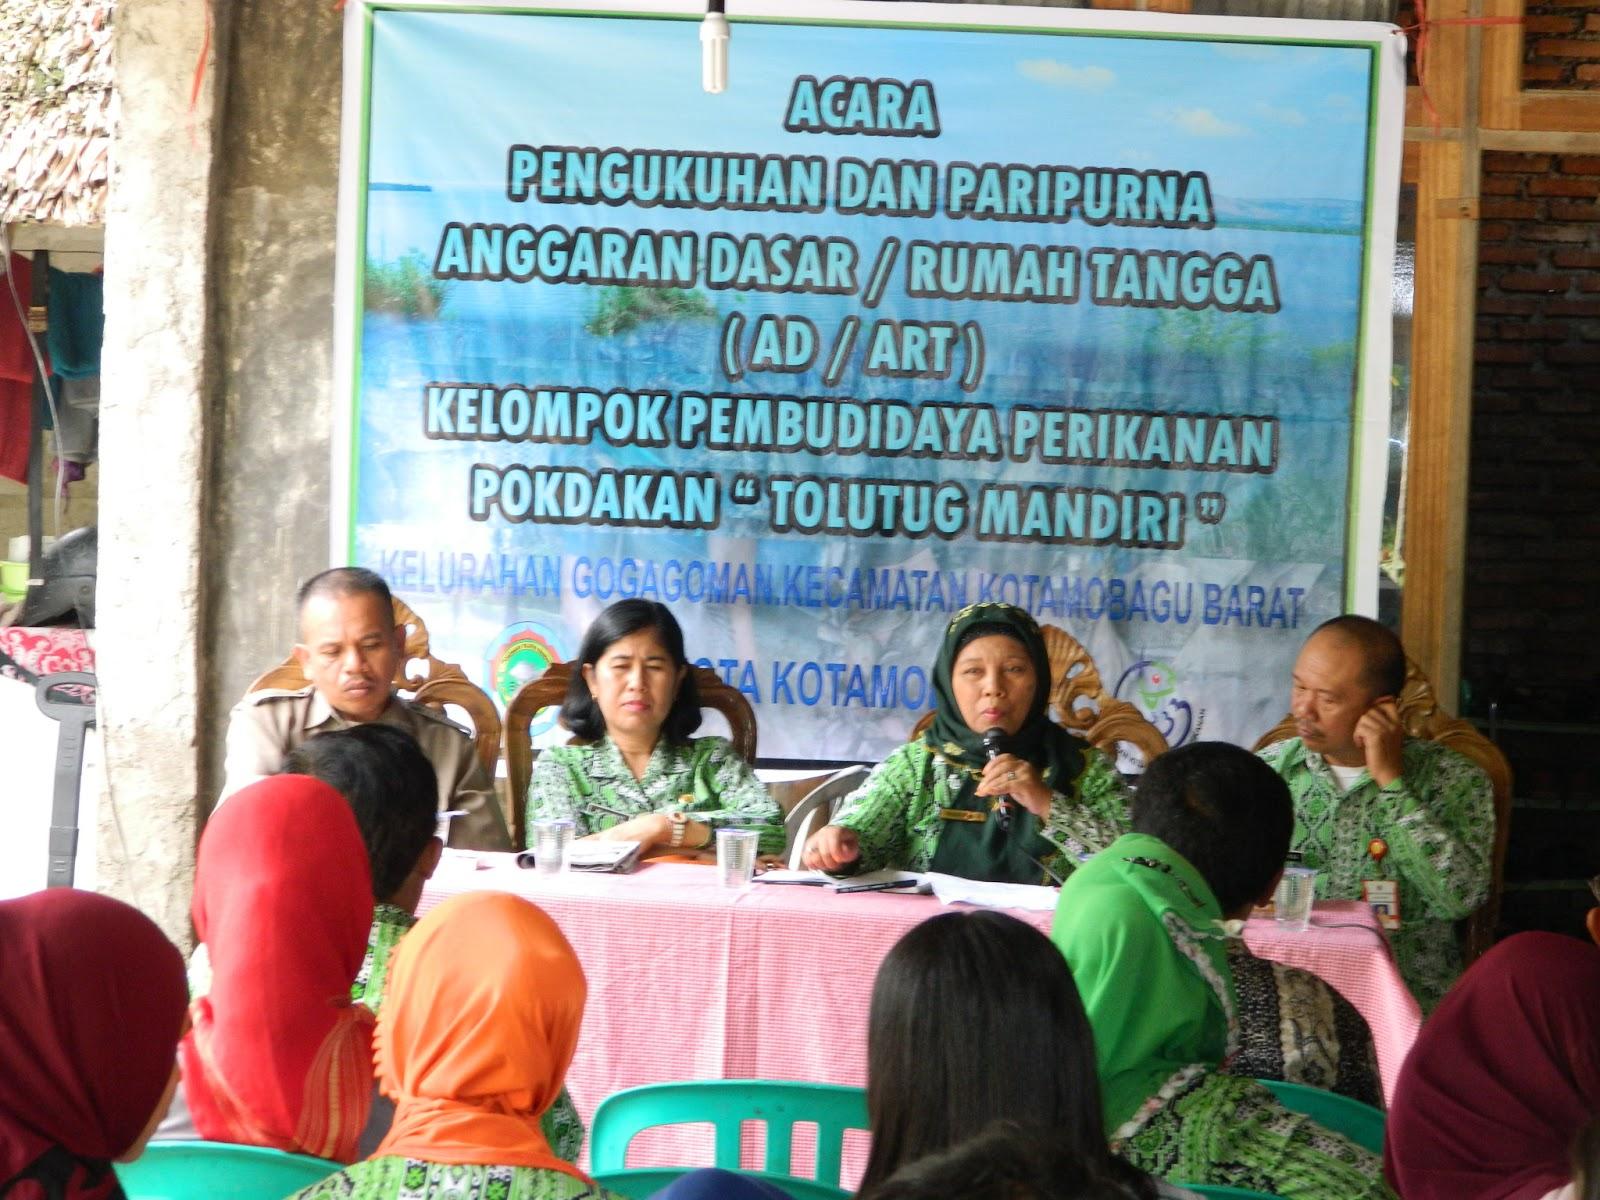 pengukuhan pengurus dan rapat paripurna anggaran rumah tangga (ad-art) pokdakan tolutug mandiri kelurahan gogagoman.